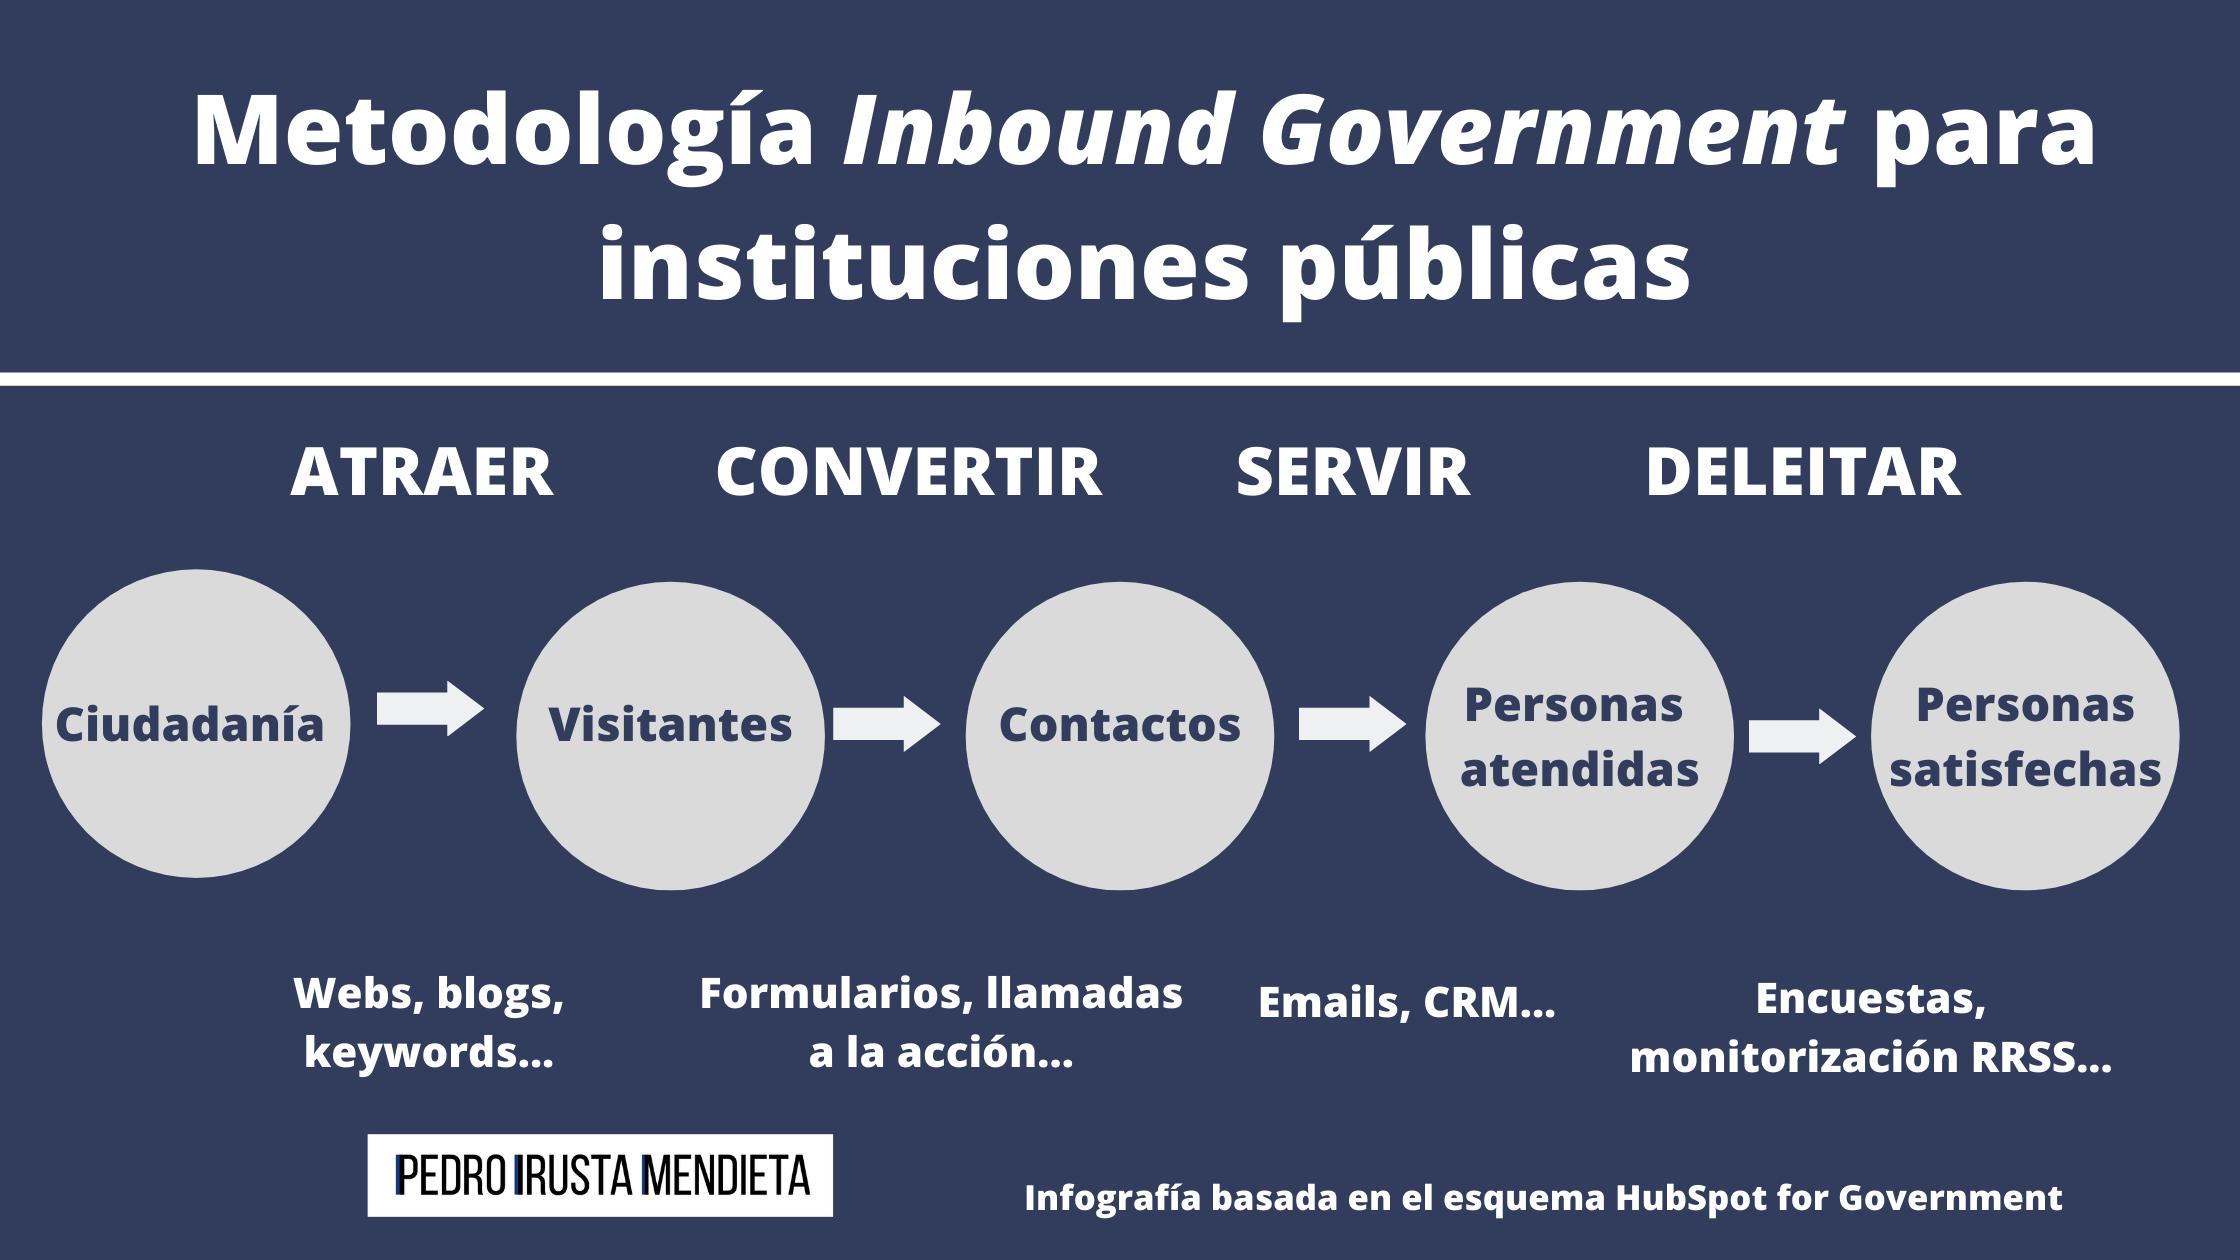 Metodología Inbound Government para instituciones públicas